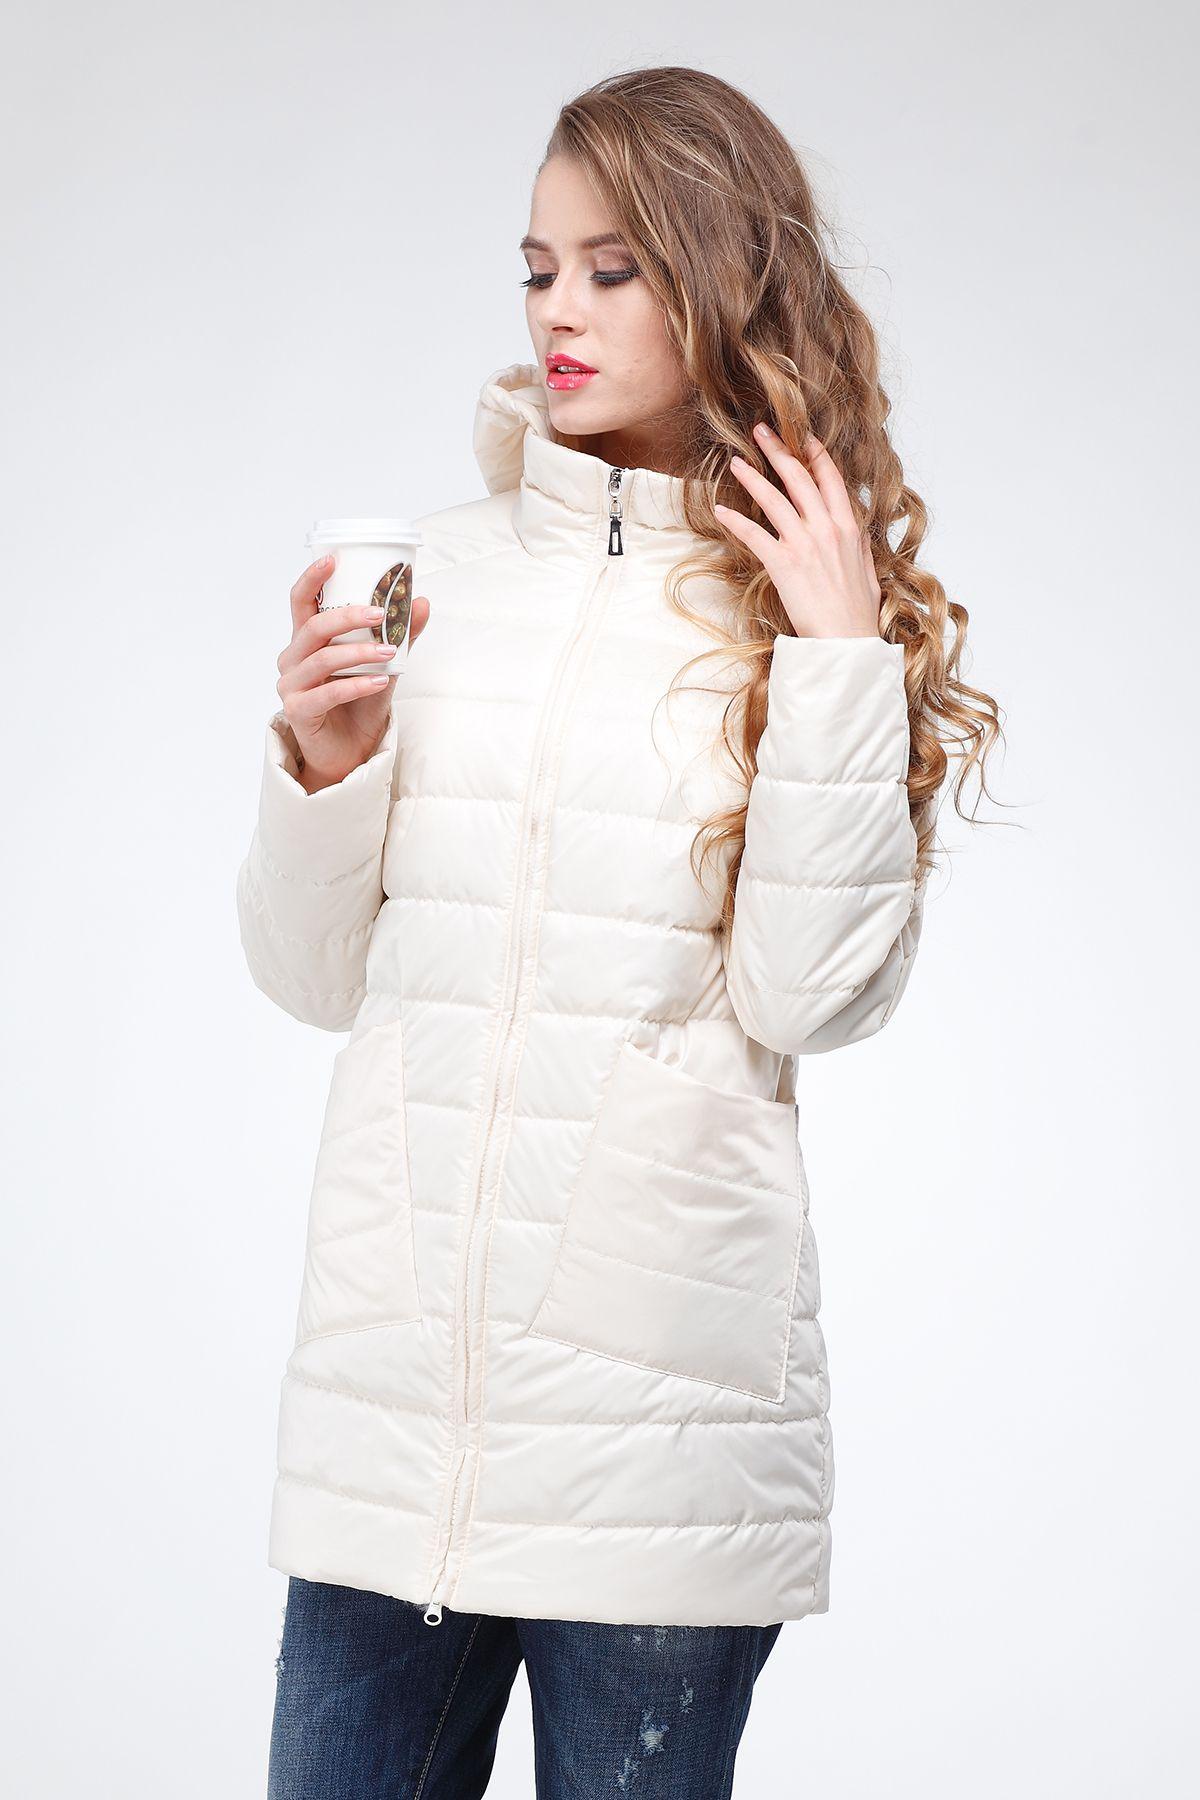 Женская куртка демисезонная Адамина Nui Very Нью Вери - женская куртка осень  весна, женская куртка 4be35c149e8